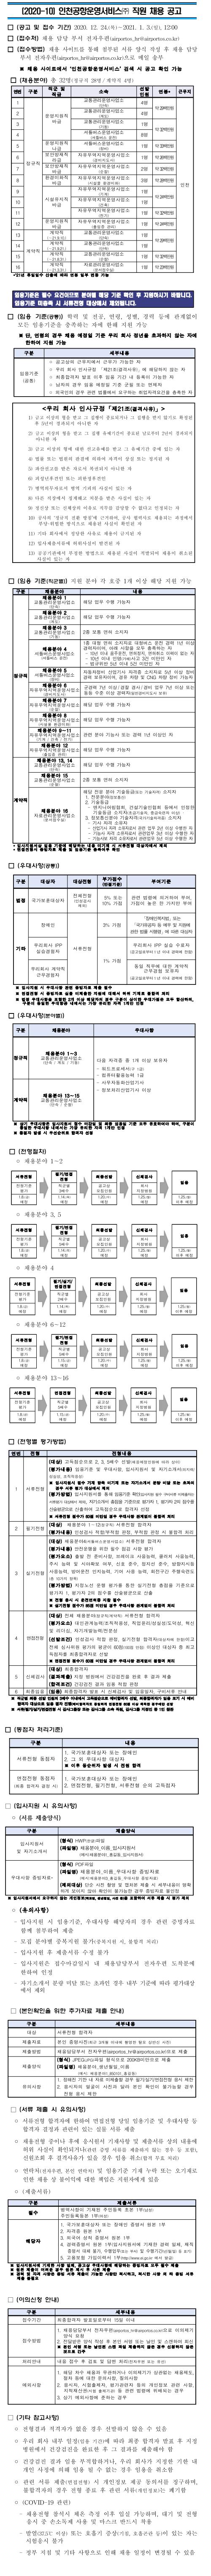 인천공항운영서비스_(2020-10) 직원 채용 공고.png